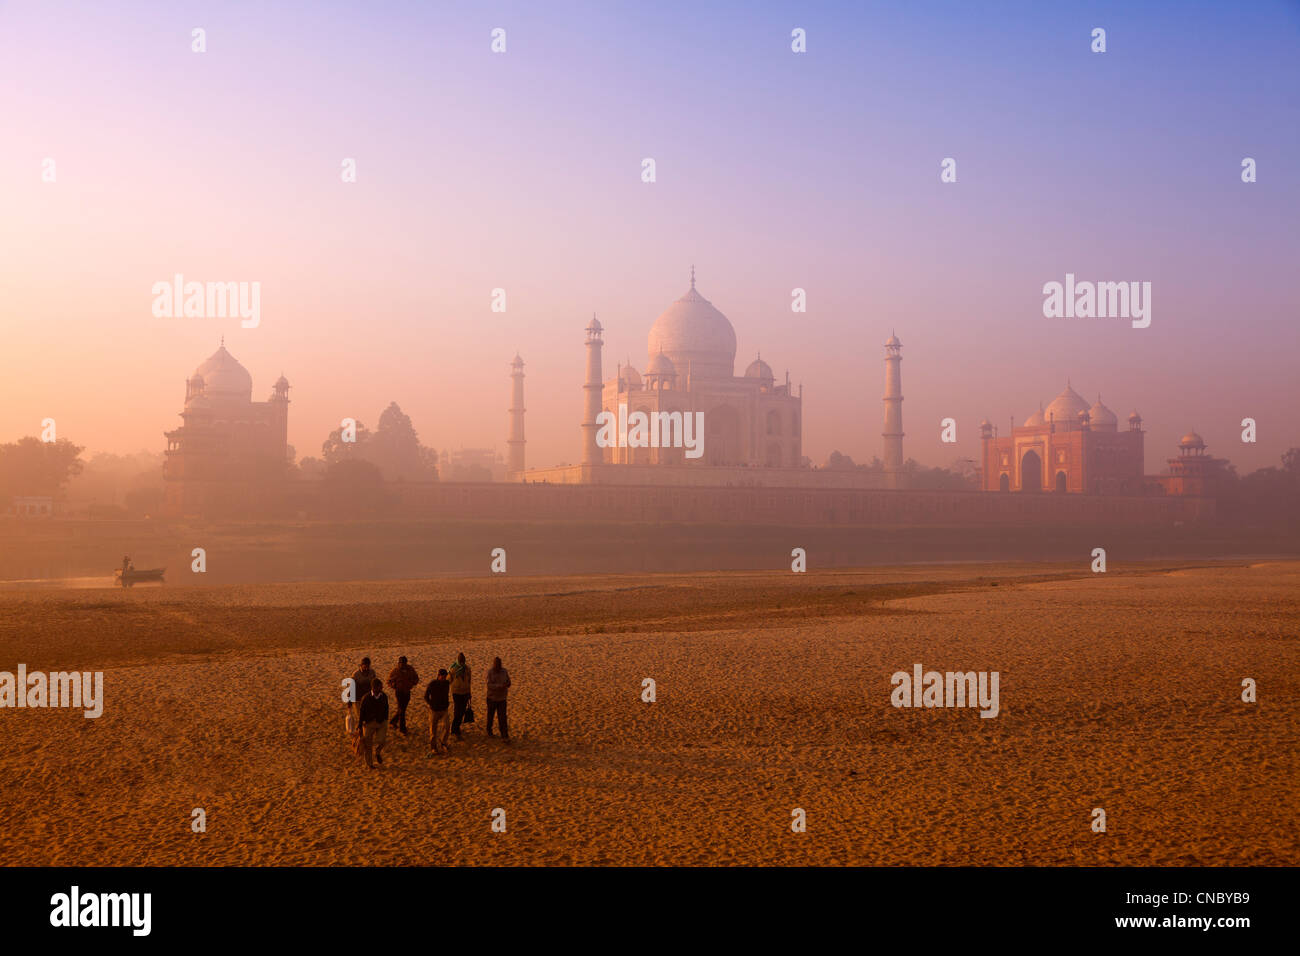 La India, Uttar Pradesh, Agra, Taj Mahal trabajadores cruzando el río Yamuna se secó al amanecer. Imagen De Stock